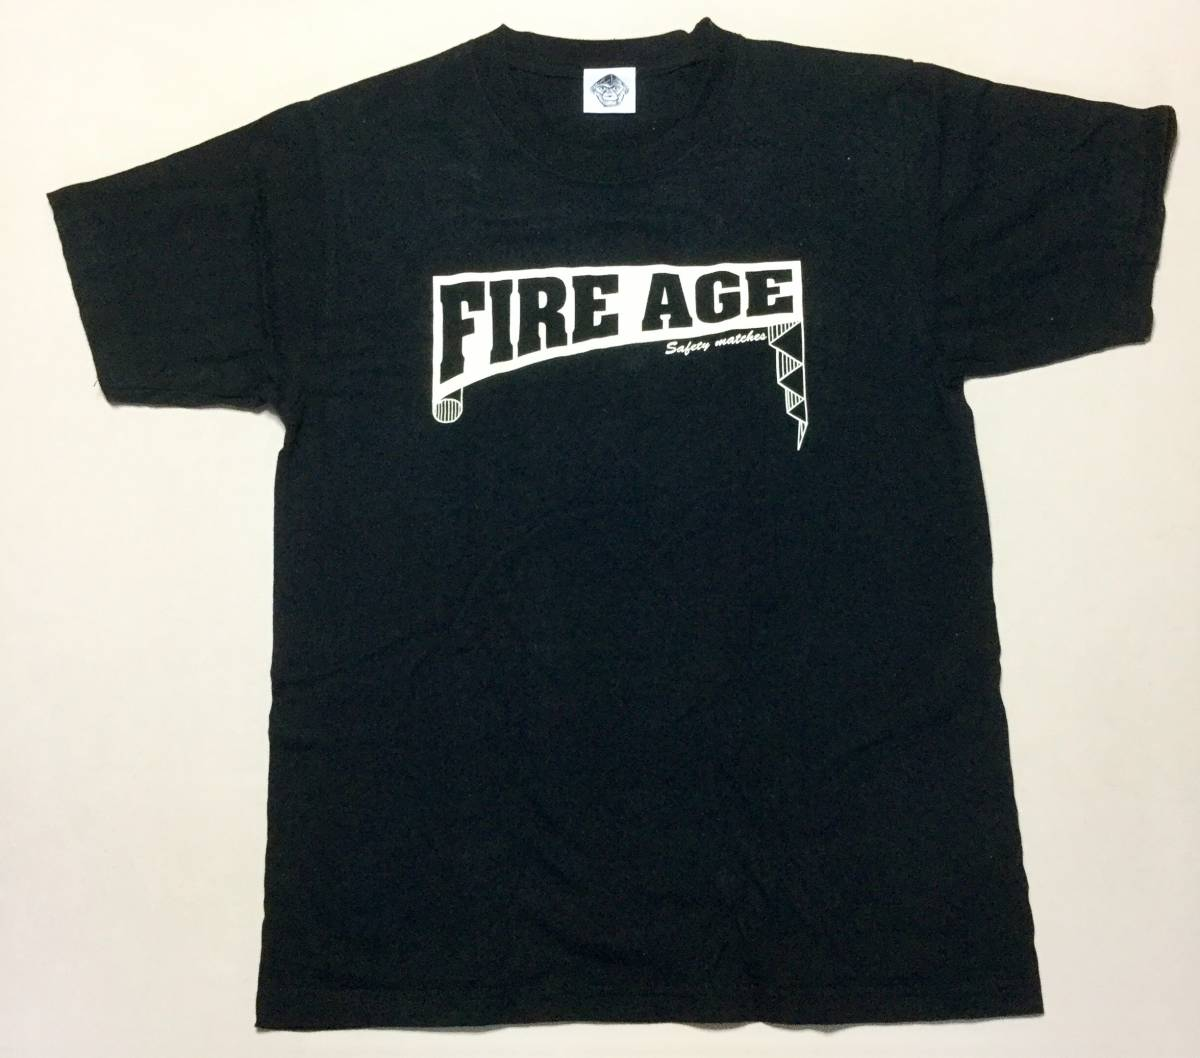 ザ・クロマニヨンズ FIRE AGEツアーTシャツ 中古 ライブグッズの画像